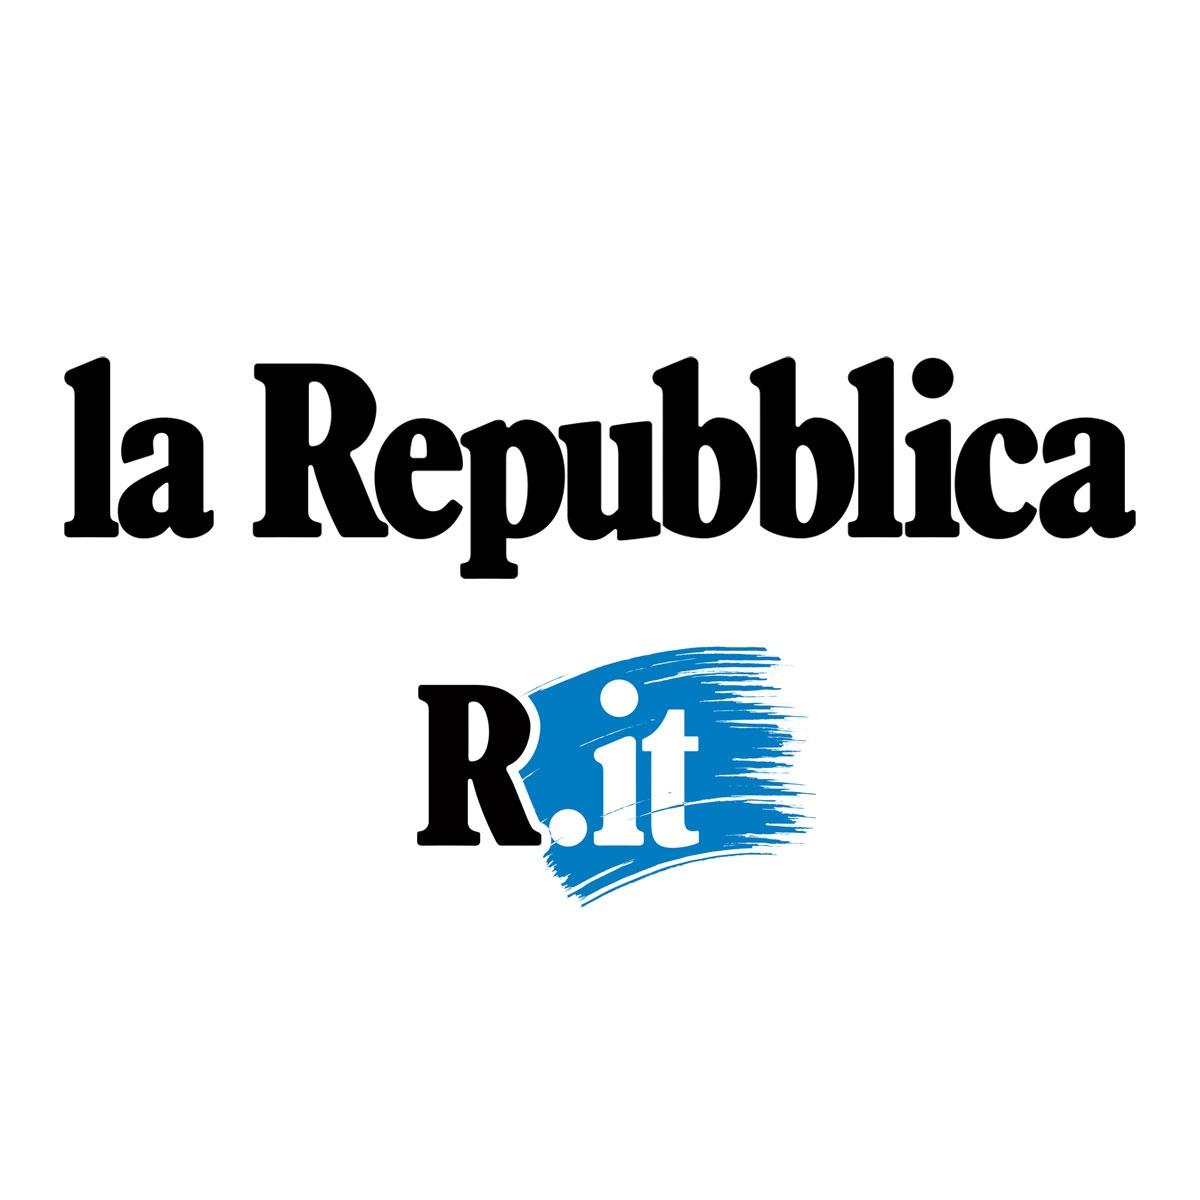 la repubblica valeria cagnina francesco baldassarre ofpassion